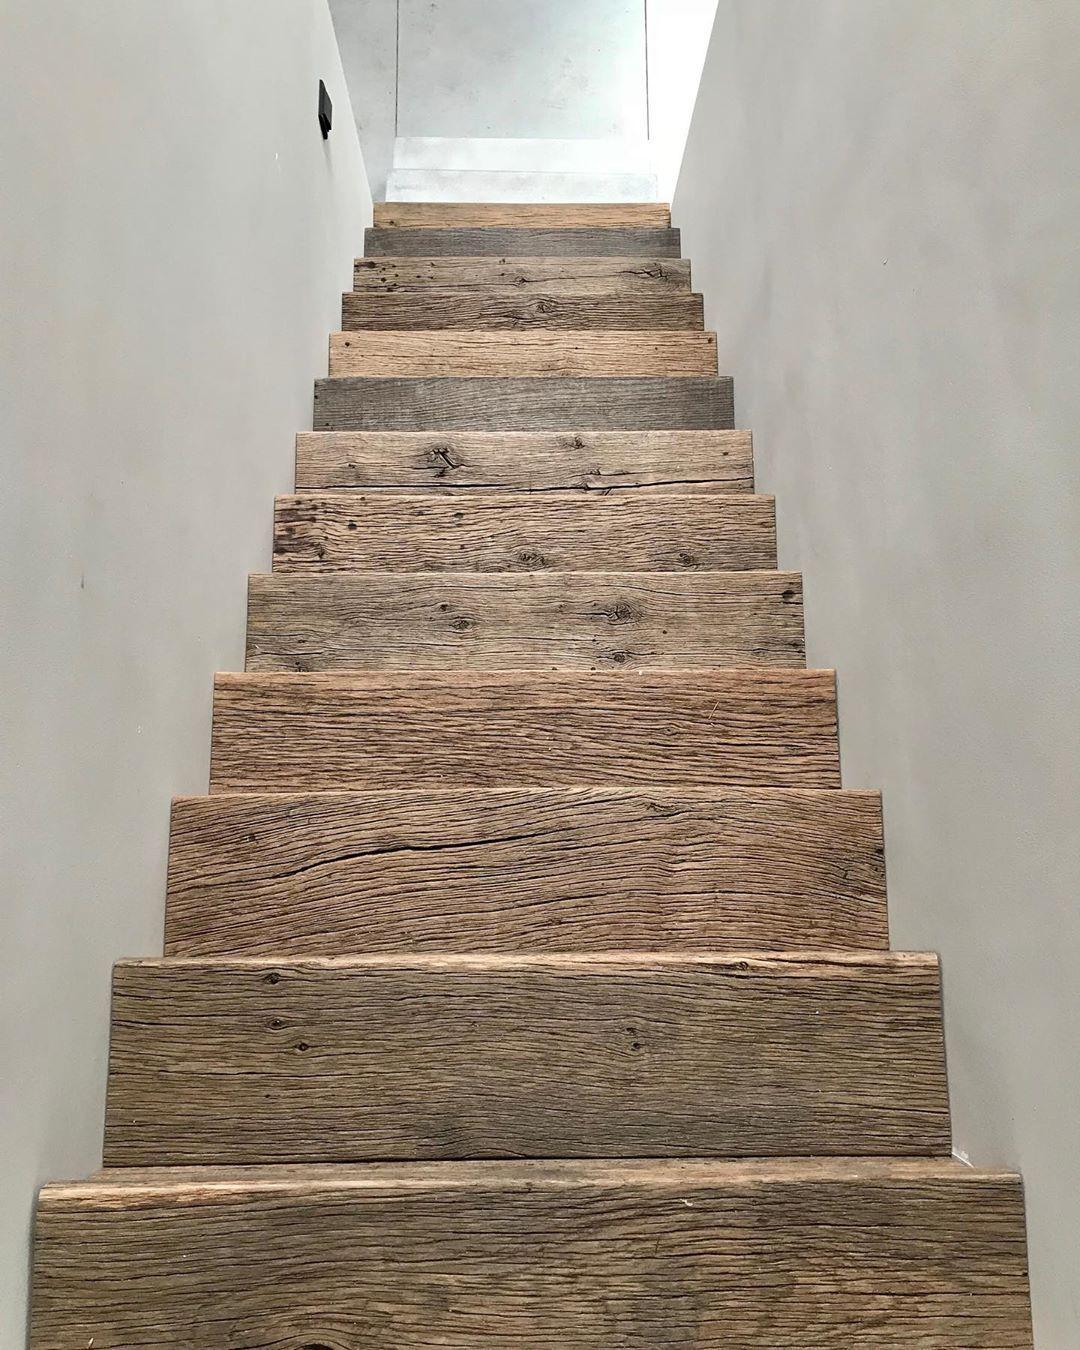 """ÇA-VA! interieur on Instagram: """"Maatwerk in oud hout. #interieurontwerp #maatwerkinterieur #maatwerk #oudhout #reclaimedwood #boisancien #concrete #handgemaaktetrap…"""""""